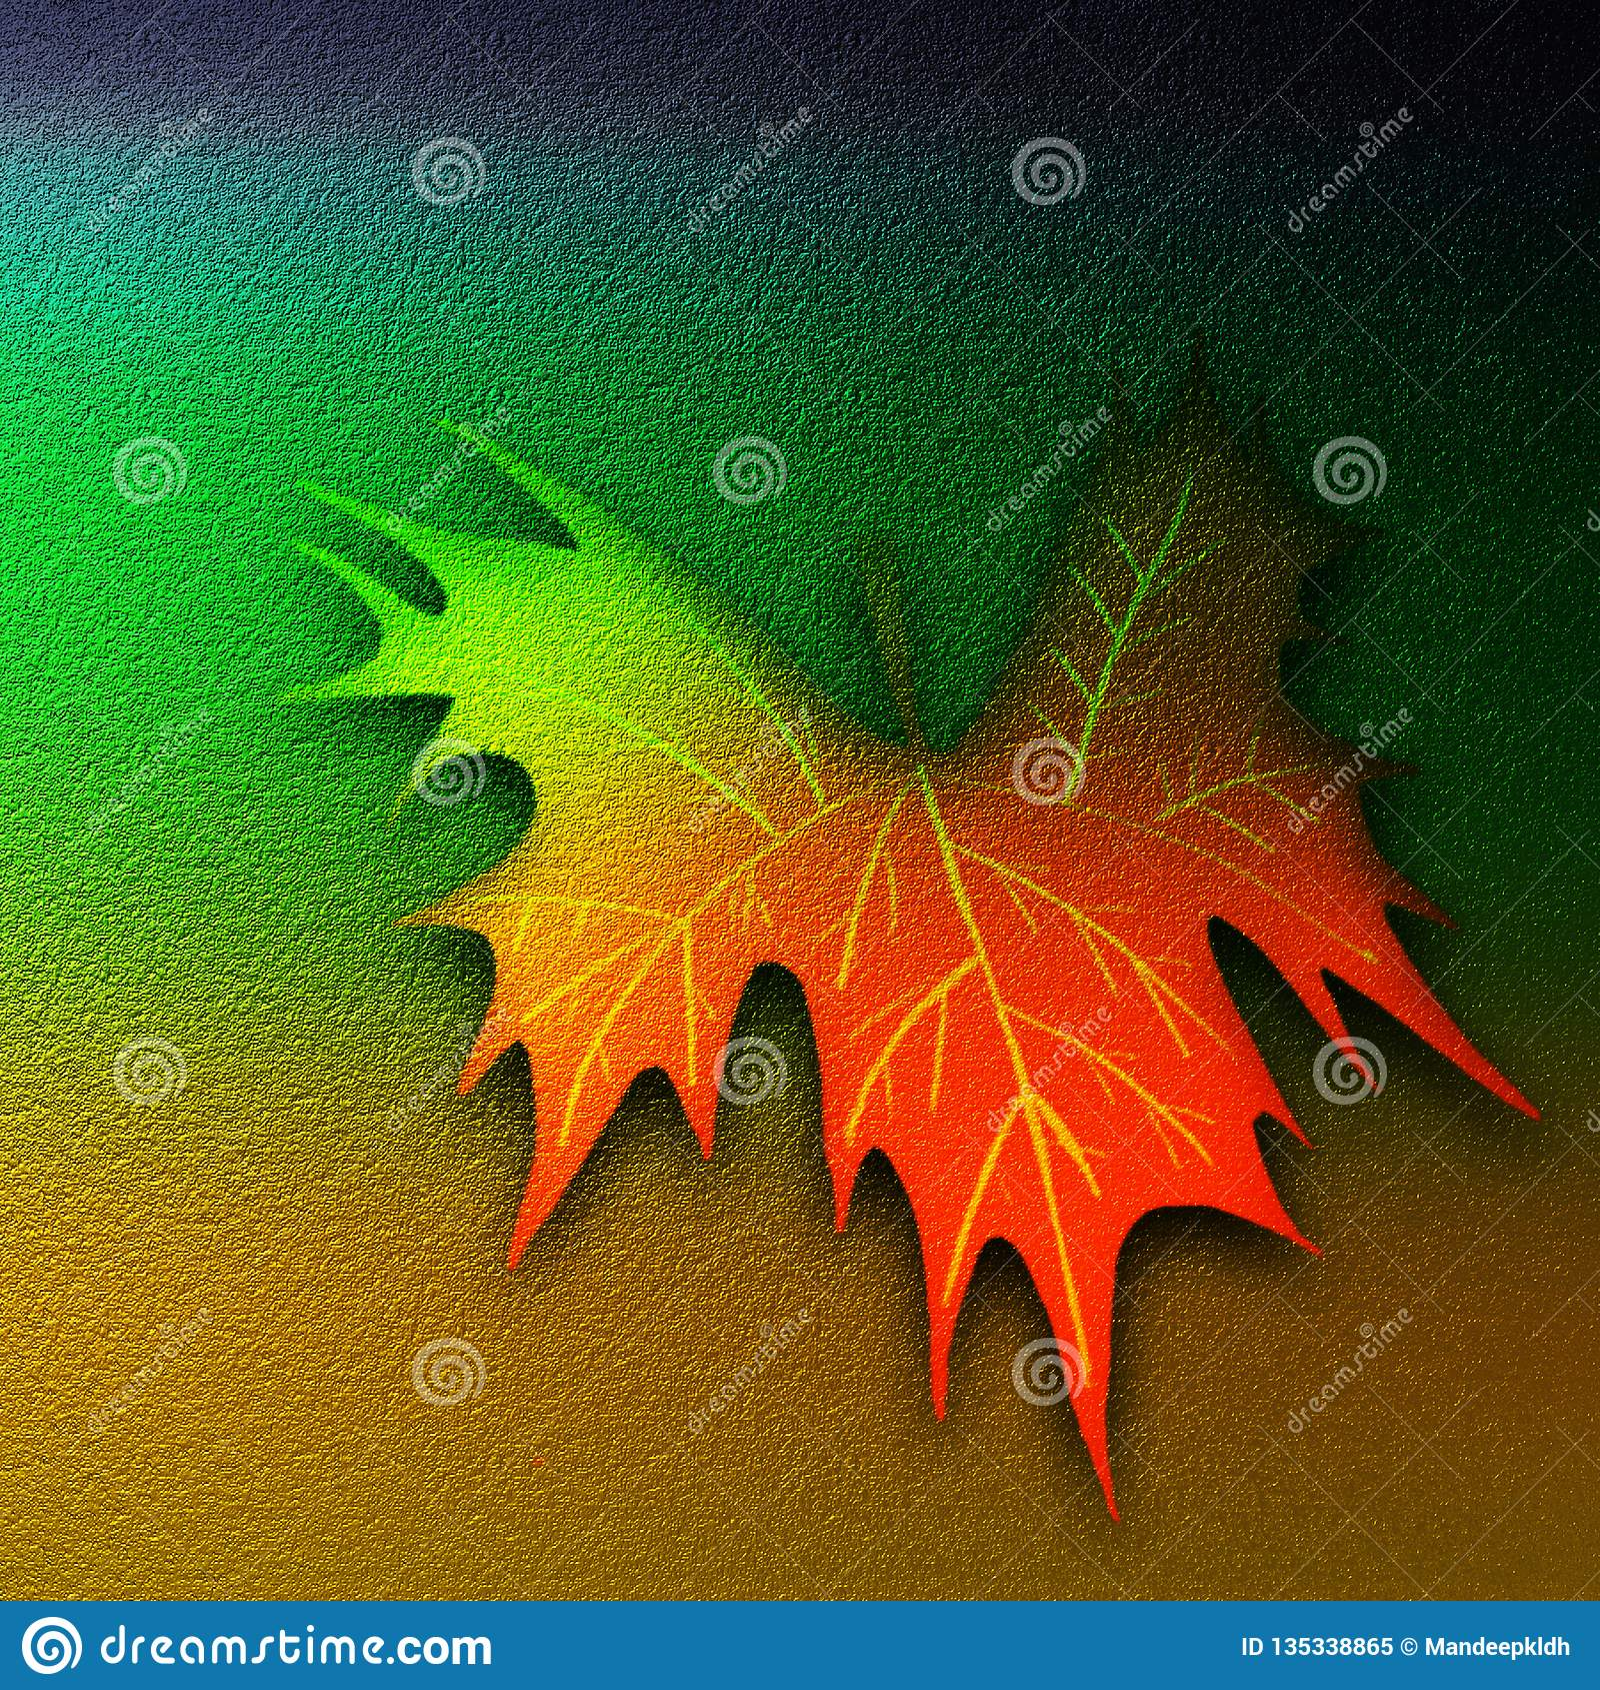 Hoja abstracta de la caída grabada en relieve en superficie texturizada El otoño dibujado mano texturizó las ilustraciones modern